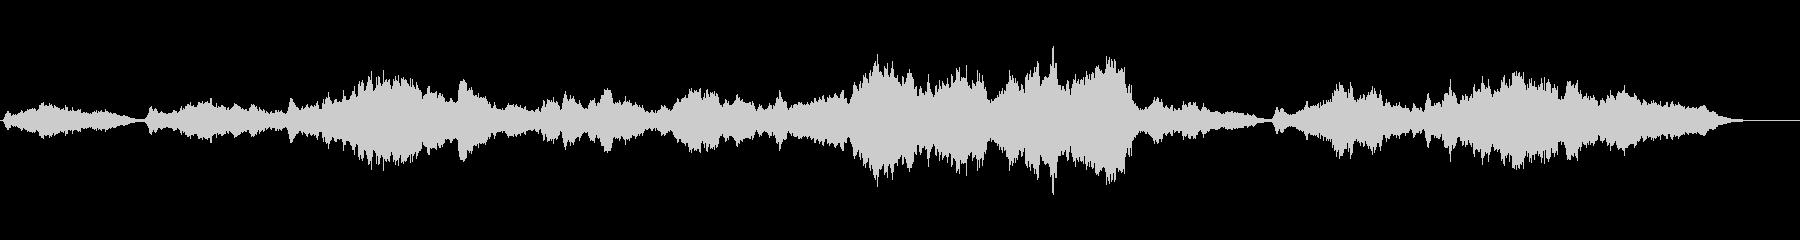 オーケストラ、感動のシーンの未再生の波形